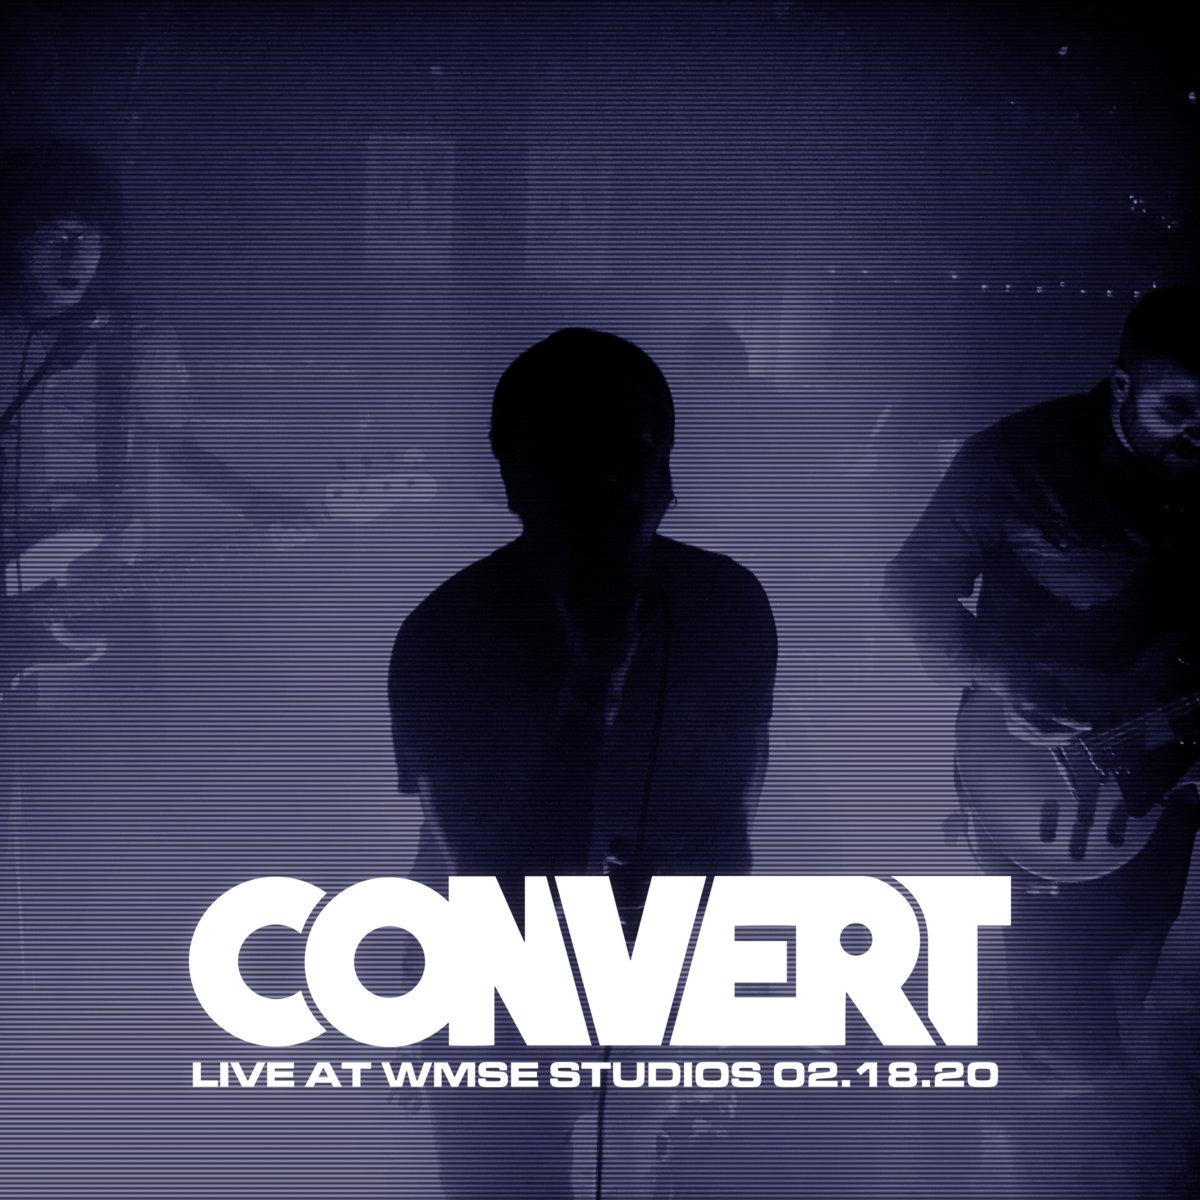 convertcover.jpg